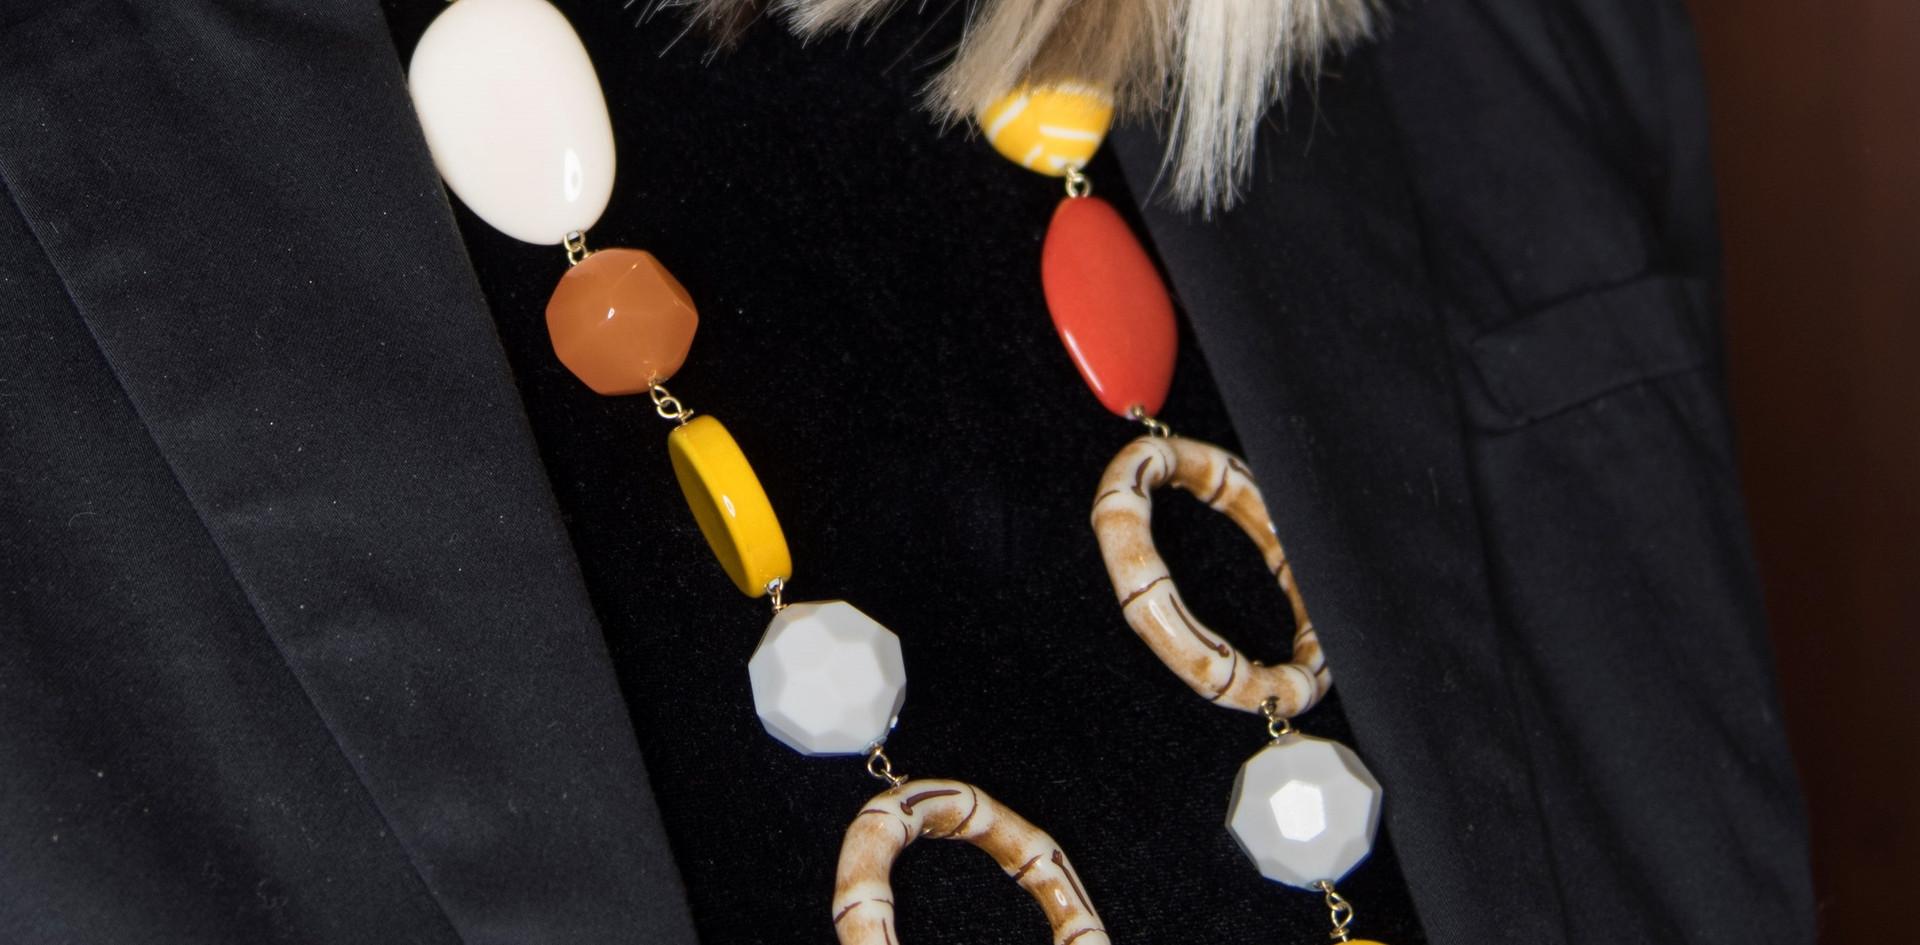 festa di primavera 2018 collane bracciali orecchini per tuttele occasioni amici festa (23).jpg